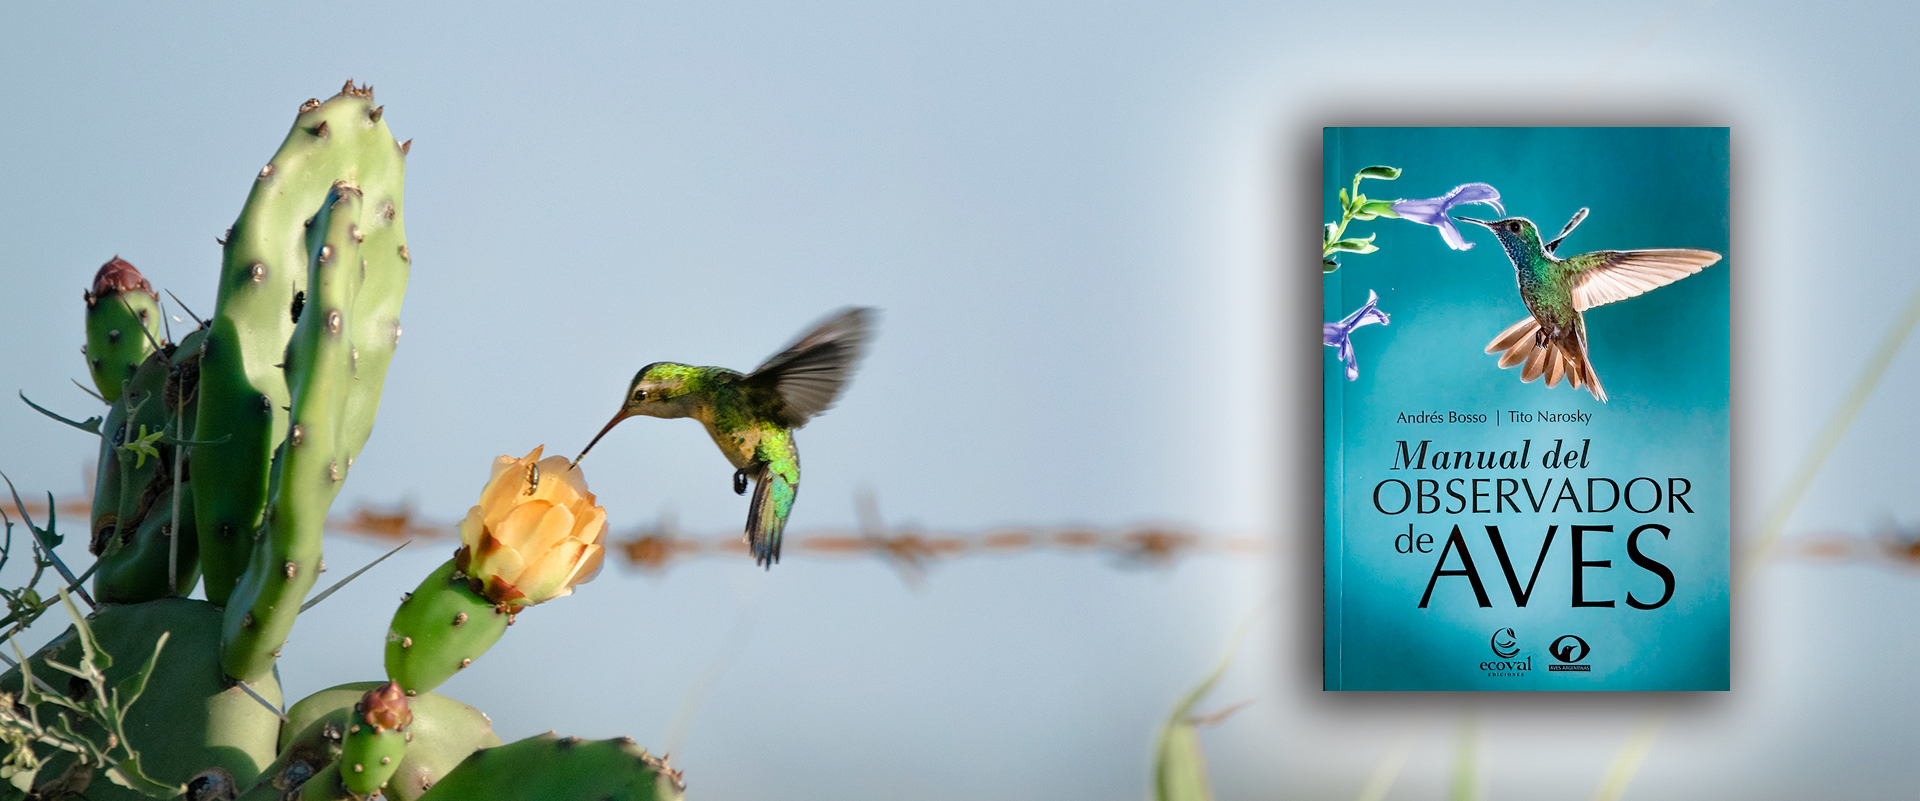 Libros de Aves - Manual del Observador de Aves